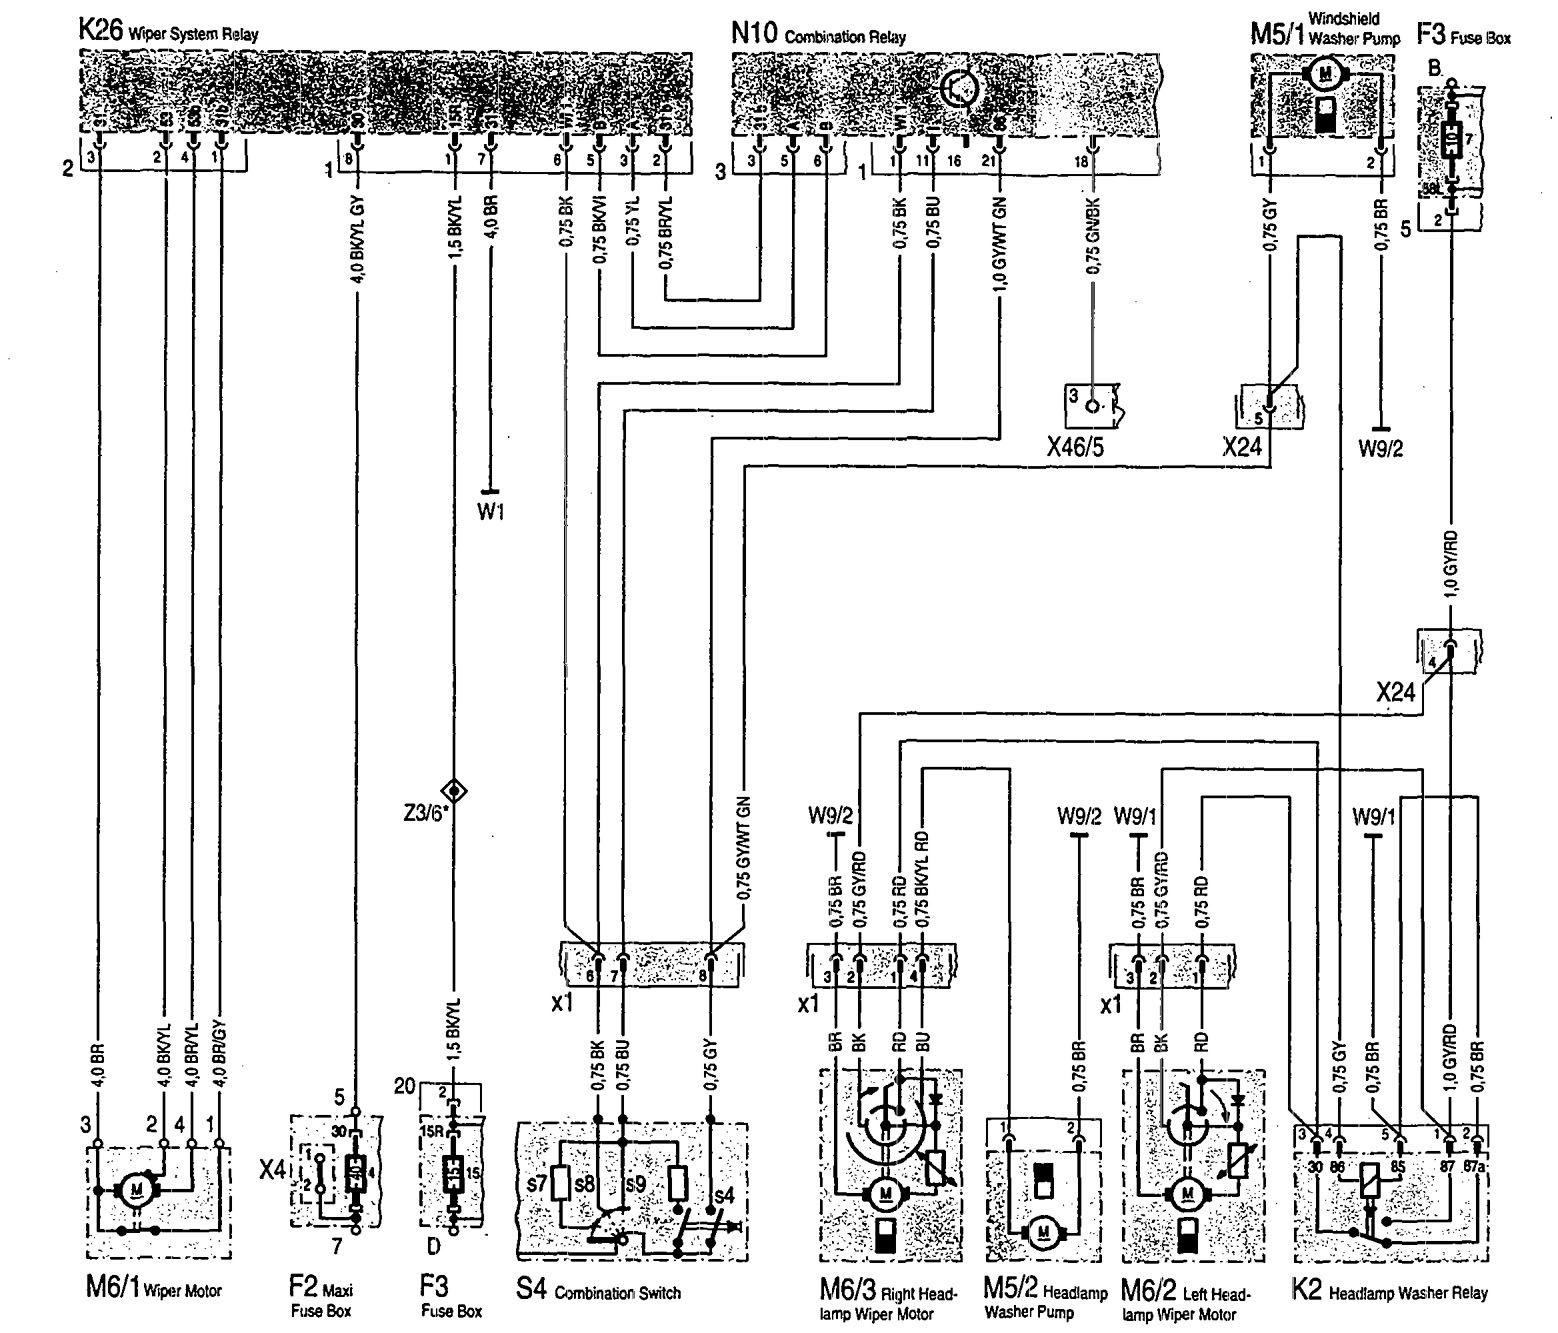 WRG-9829] 1983 Mercedes Wiring Diagrams on